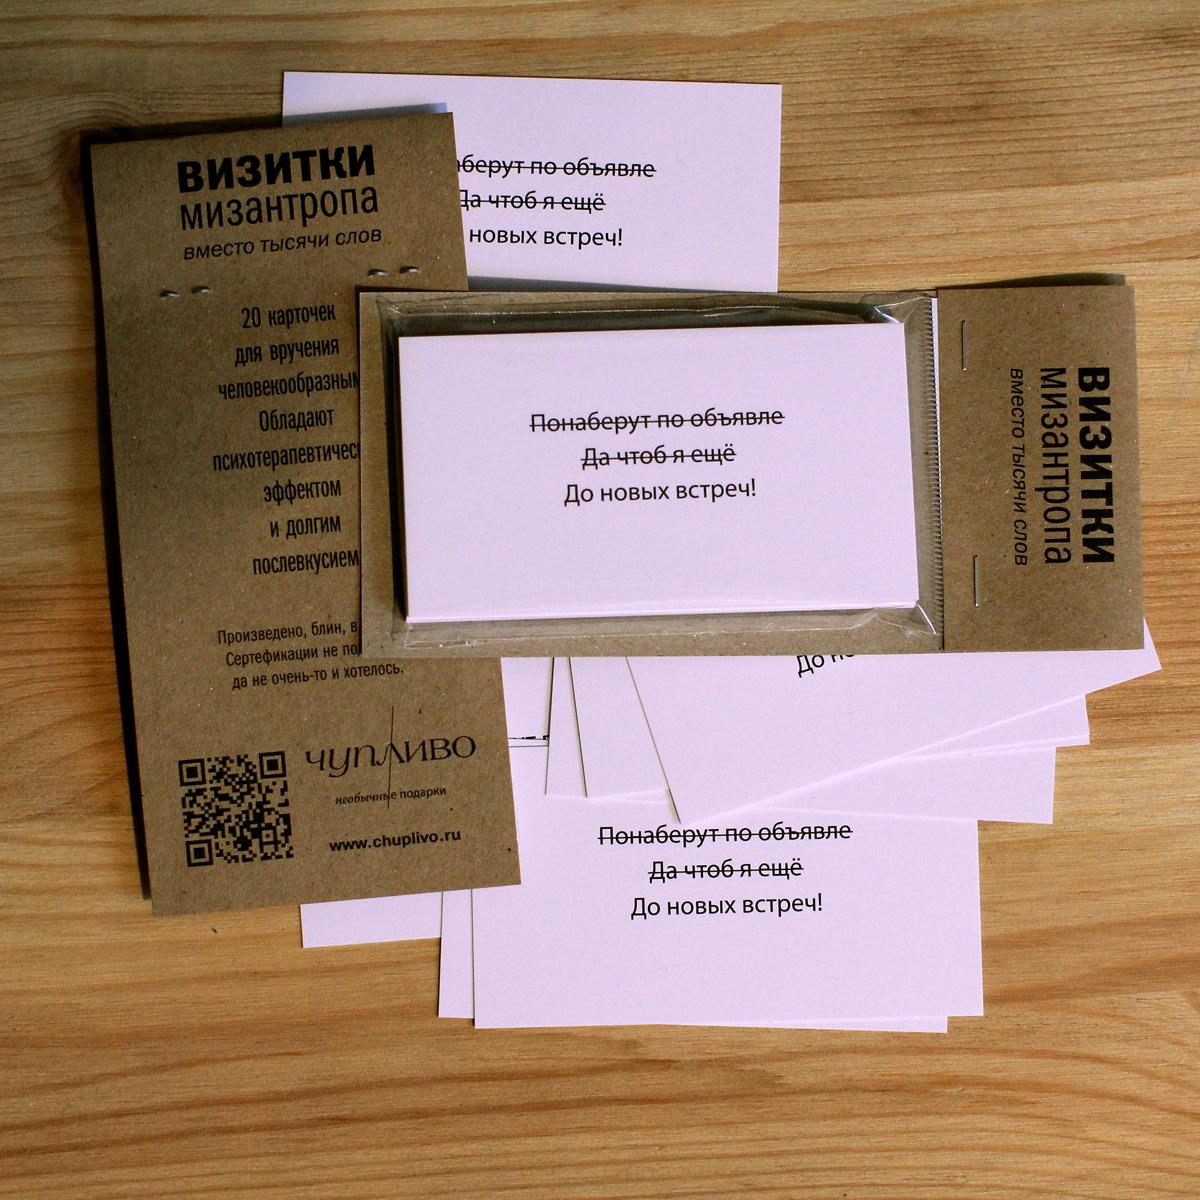 составление визитки для знакомства